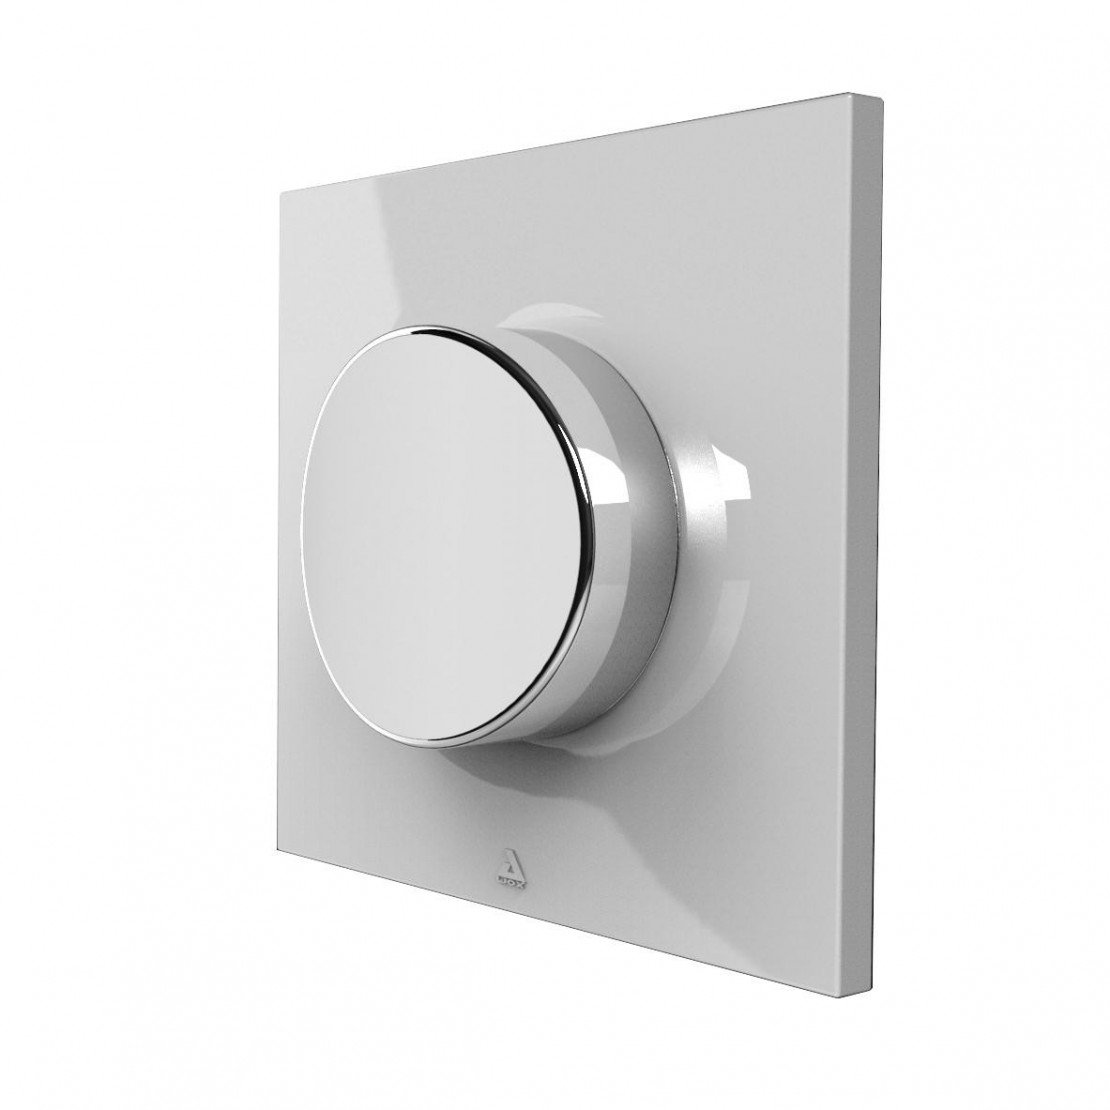 SmartPEBBLE - interruptor gestual inalámbrico